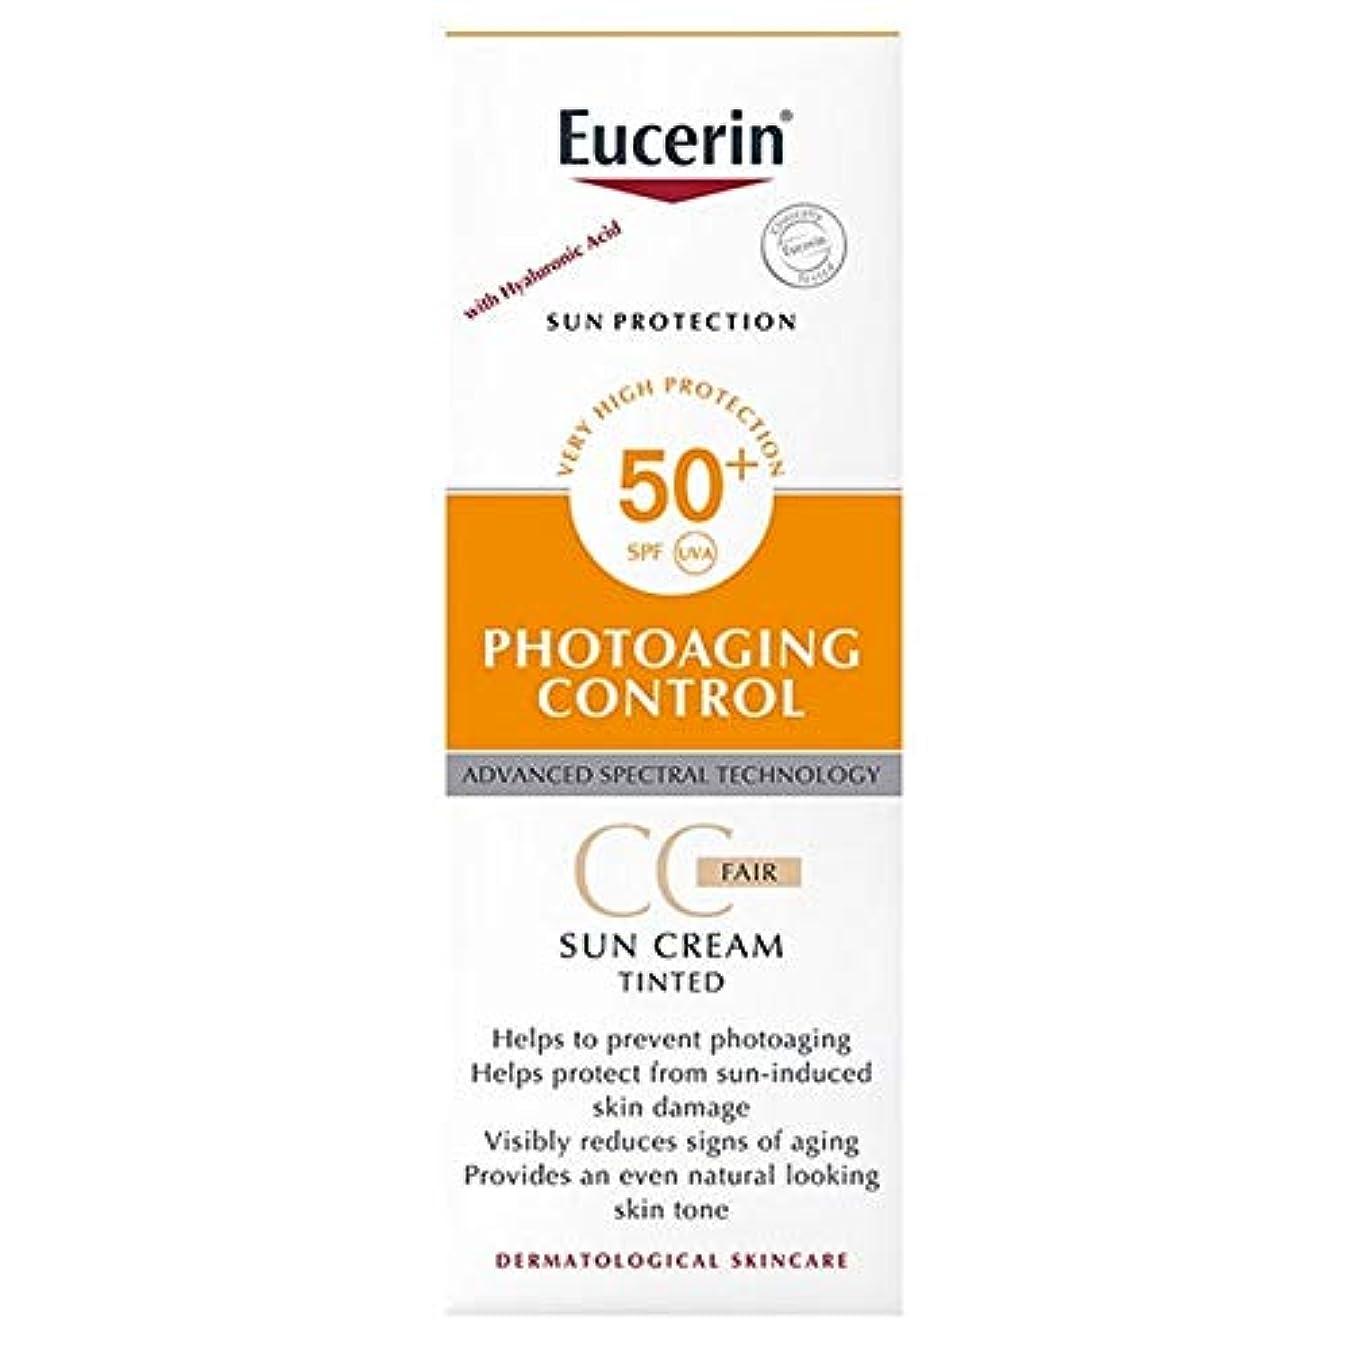 どこにでも熟達した配偶者[Eucerin ] ユーセリンの光老化制御着色公正日クリームSpf50の50ミリリットル - Eucerin Photoaging Control Tinted Fair Sun Cream SPF50 50ml [並行輸入品]